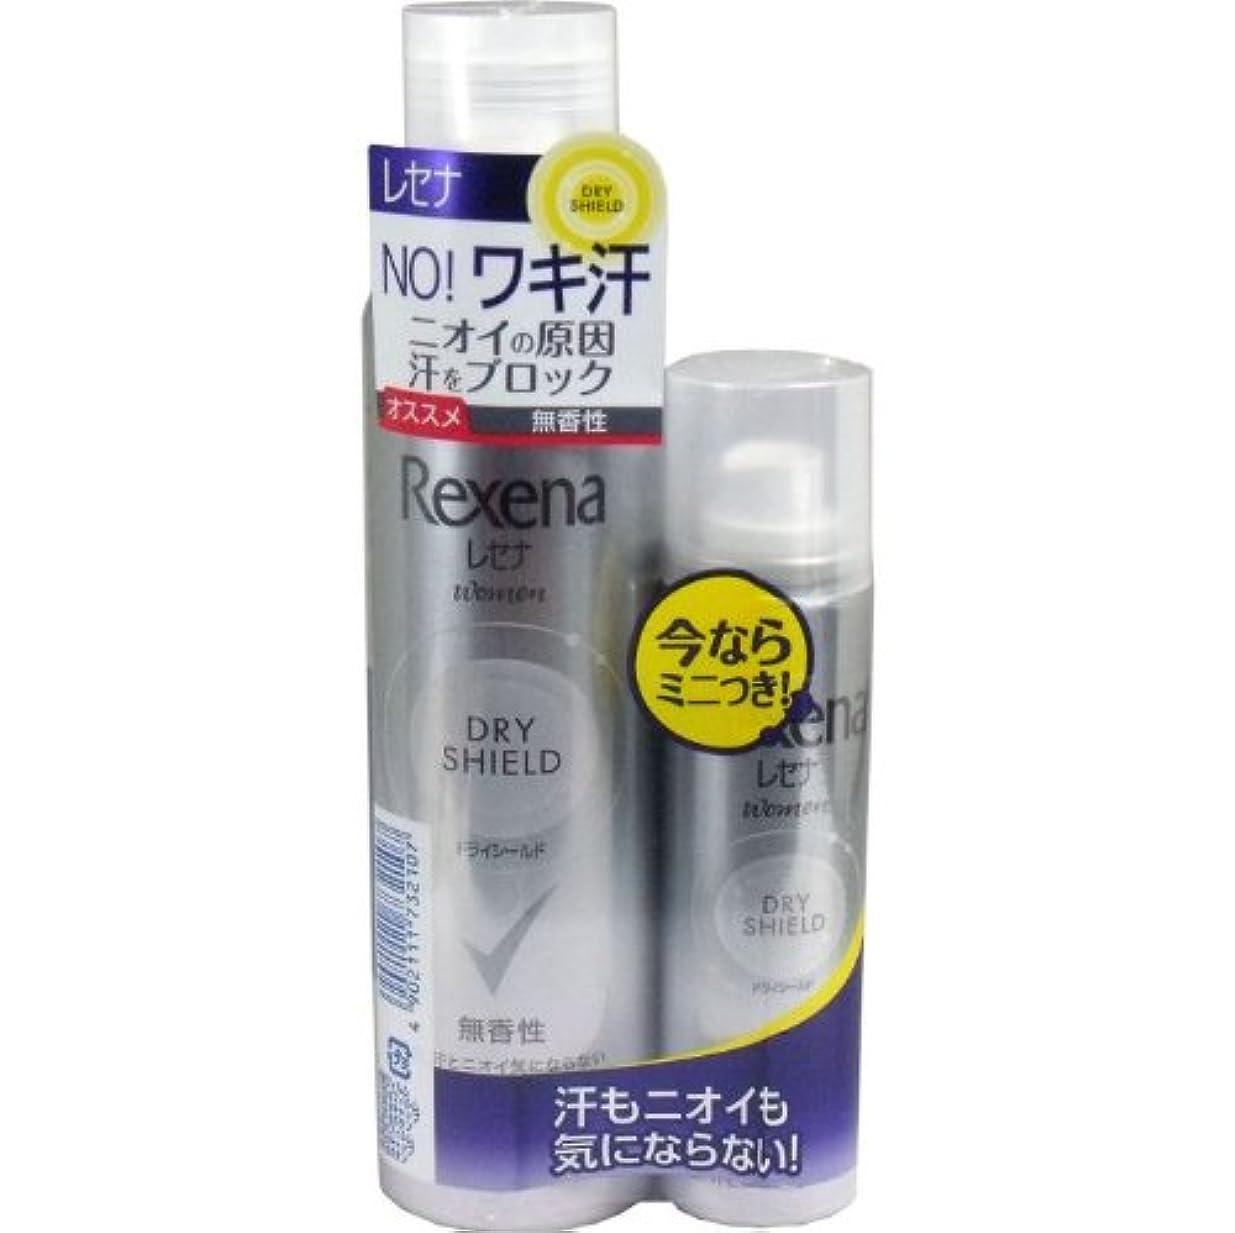 球体通訳メイトレセナ ドライシールドパウダースプレー 無香性 135g+(おまけ45g付き) <<5点セット>>